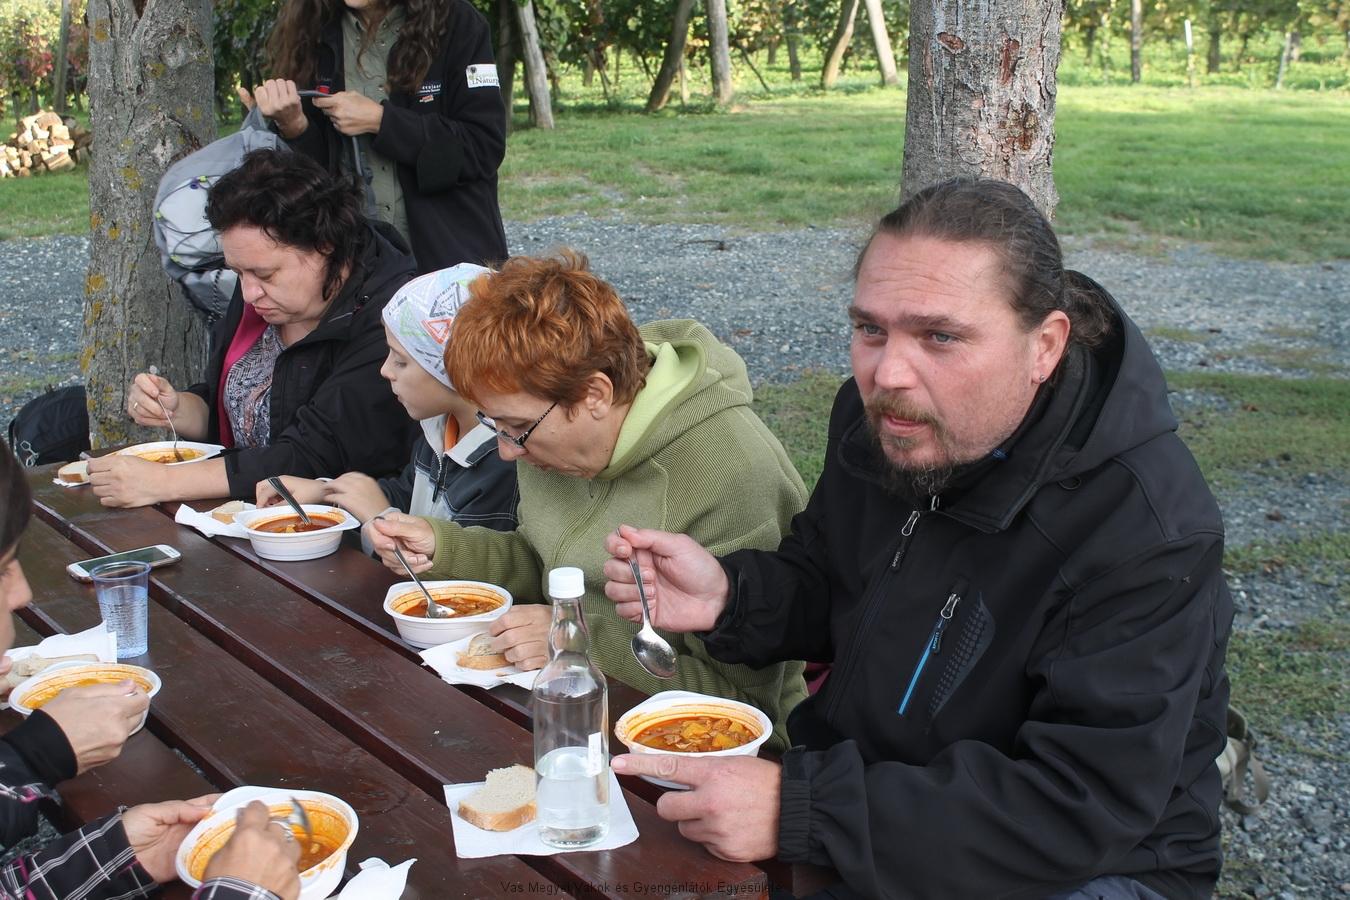 Elkészült a bográcsétel. A meósok jó étvággyal megették, és dicsérték a VakMerő szakácsok munkáját.